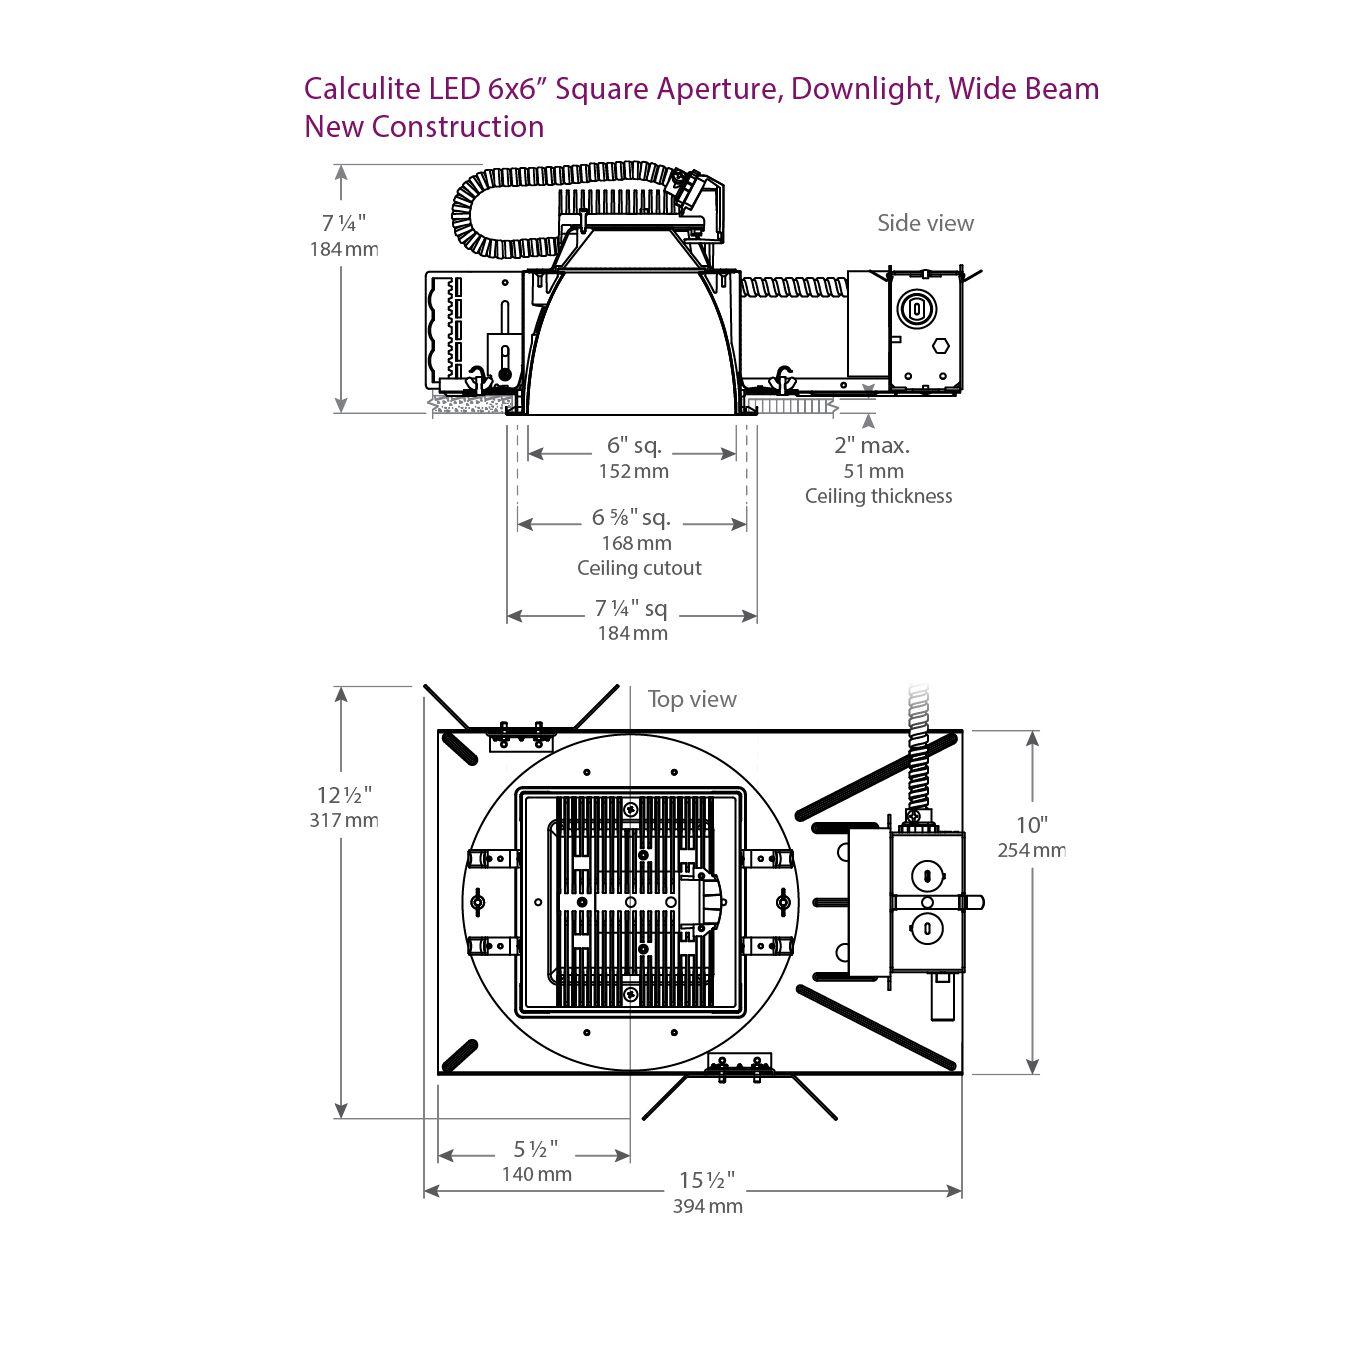 Philips Lightolier C6x6l15n Calculite Lumens Recessed